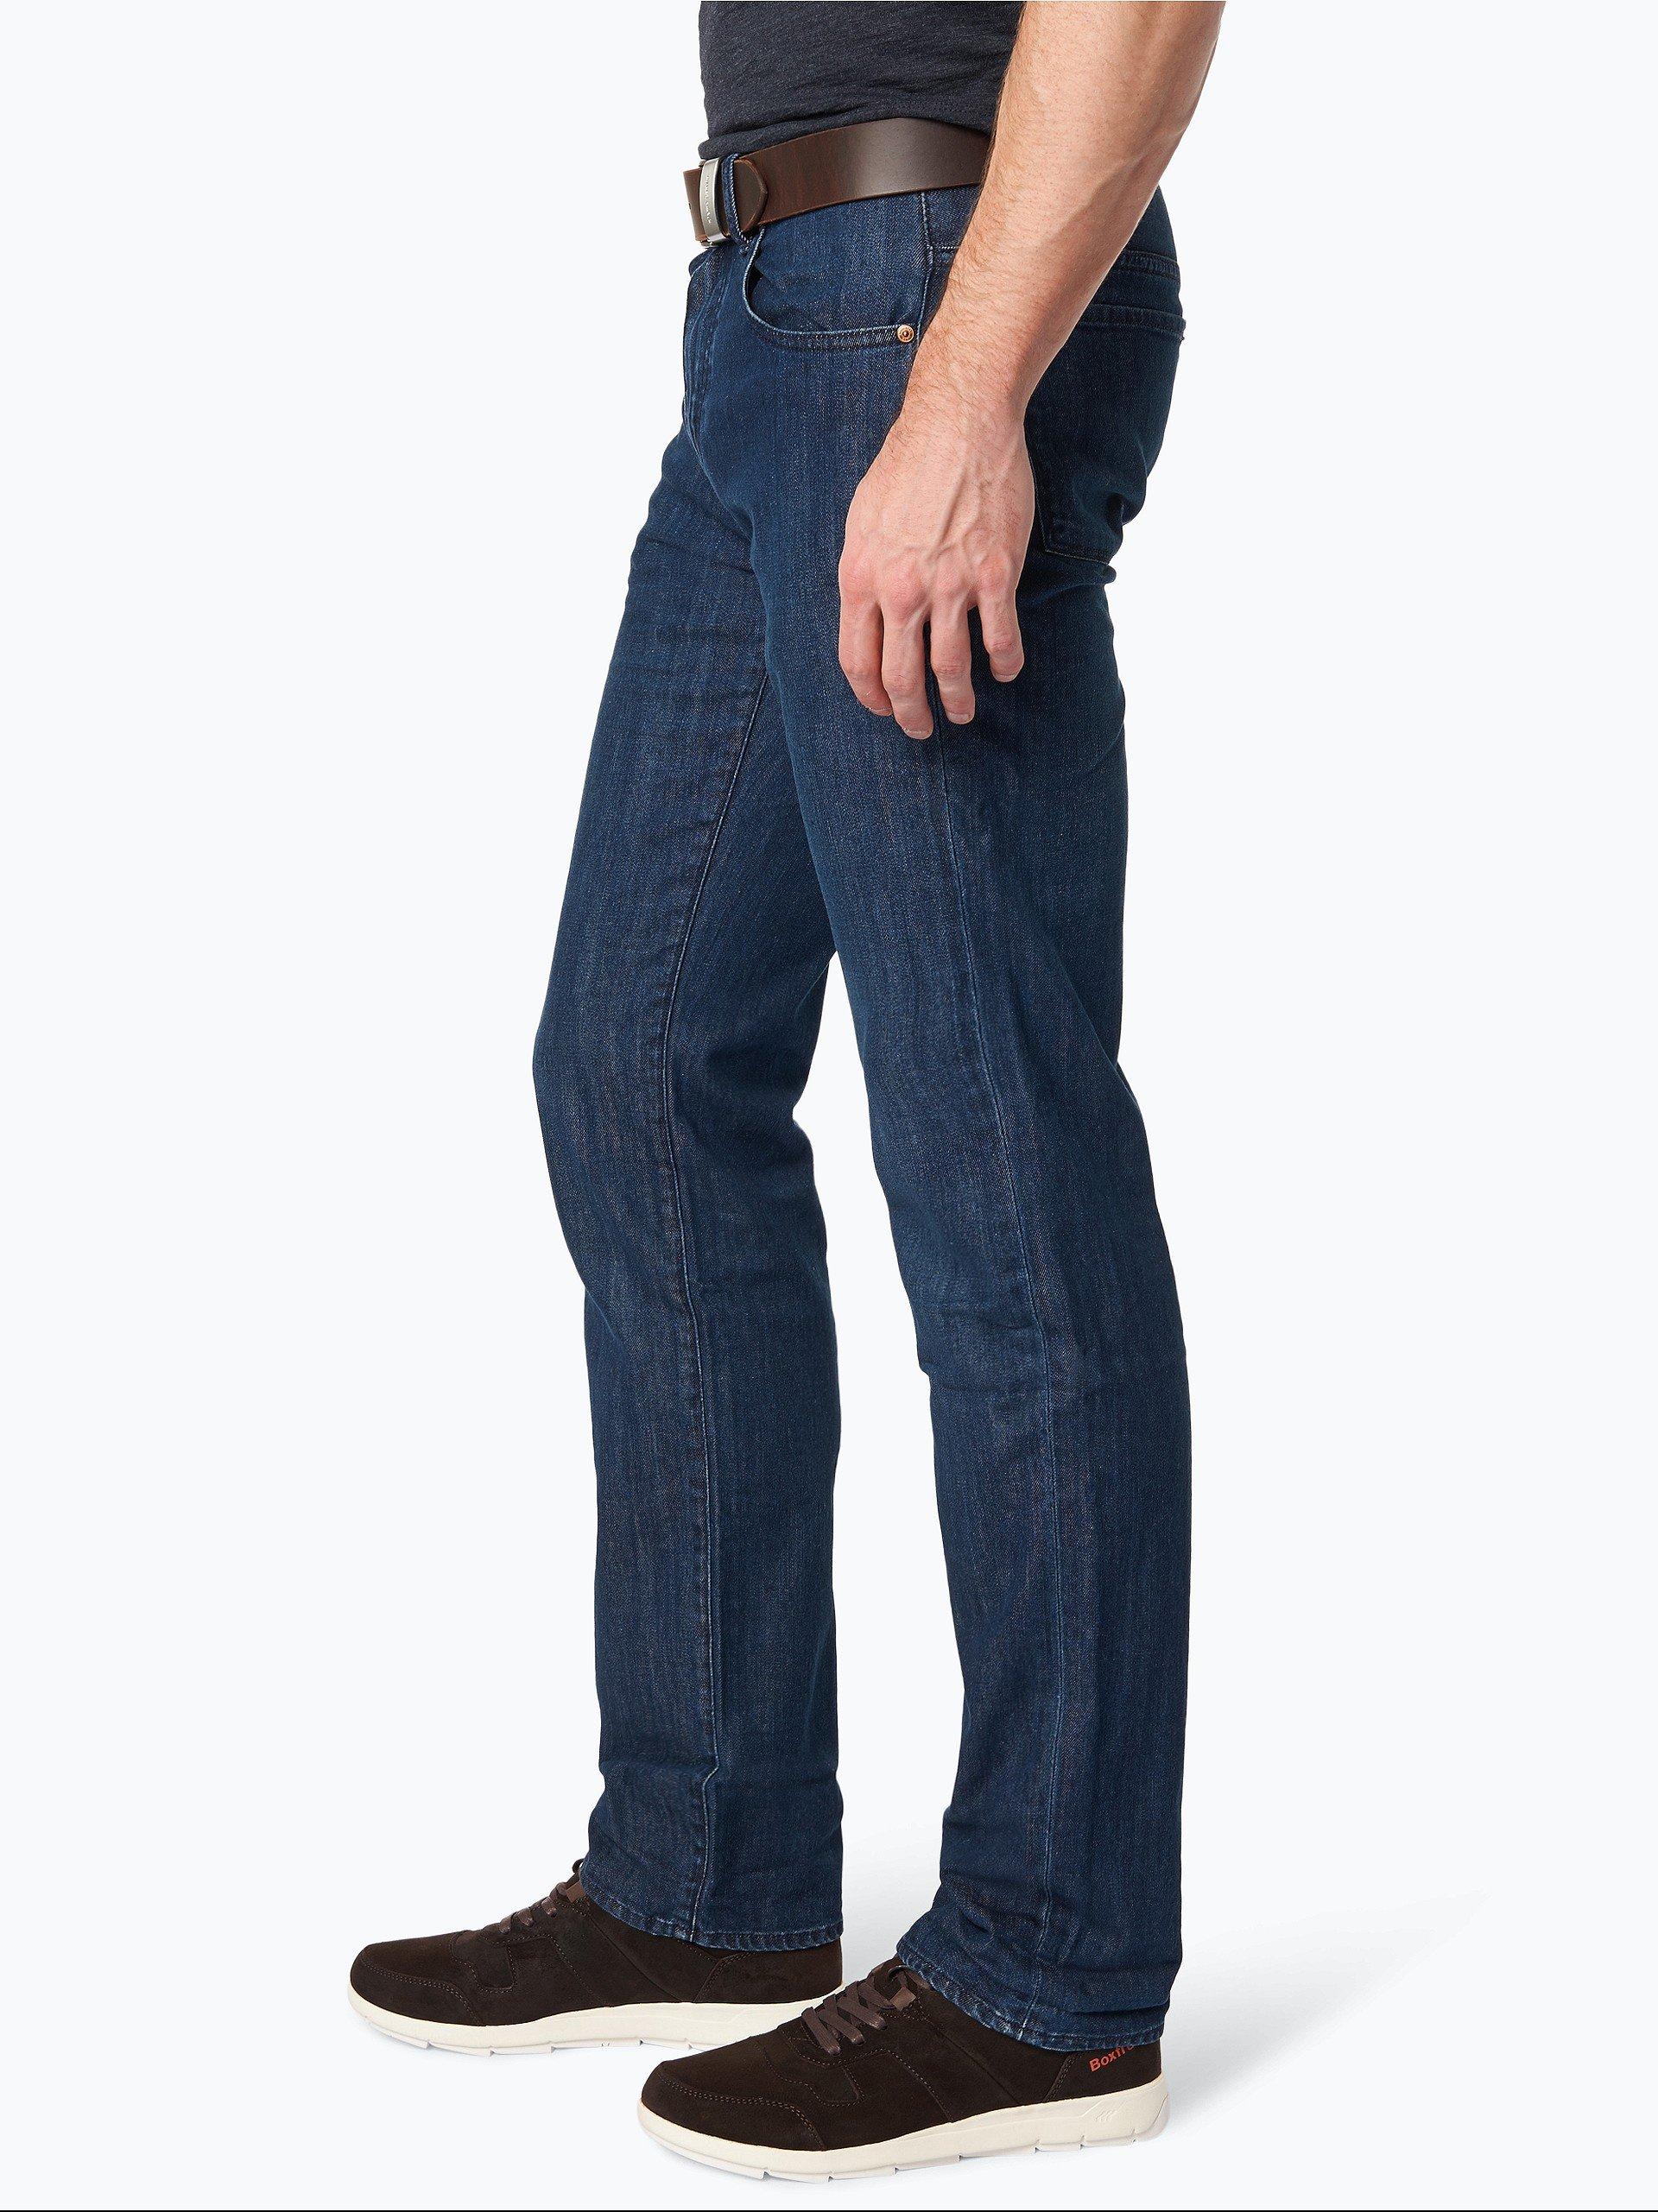 boss green herren jeans c kansas dark stone uni online kaufen peek und cloppenburg de. Black Bedroom Furniture Sets. Home Design Ideas